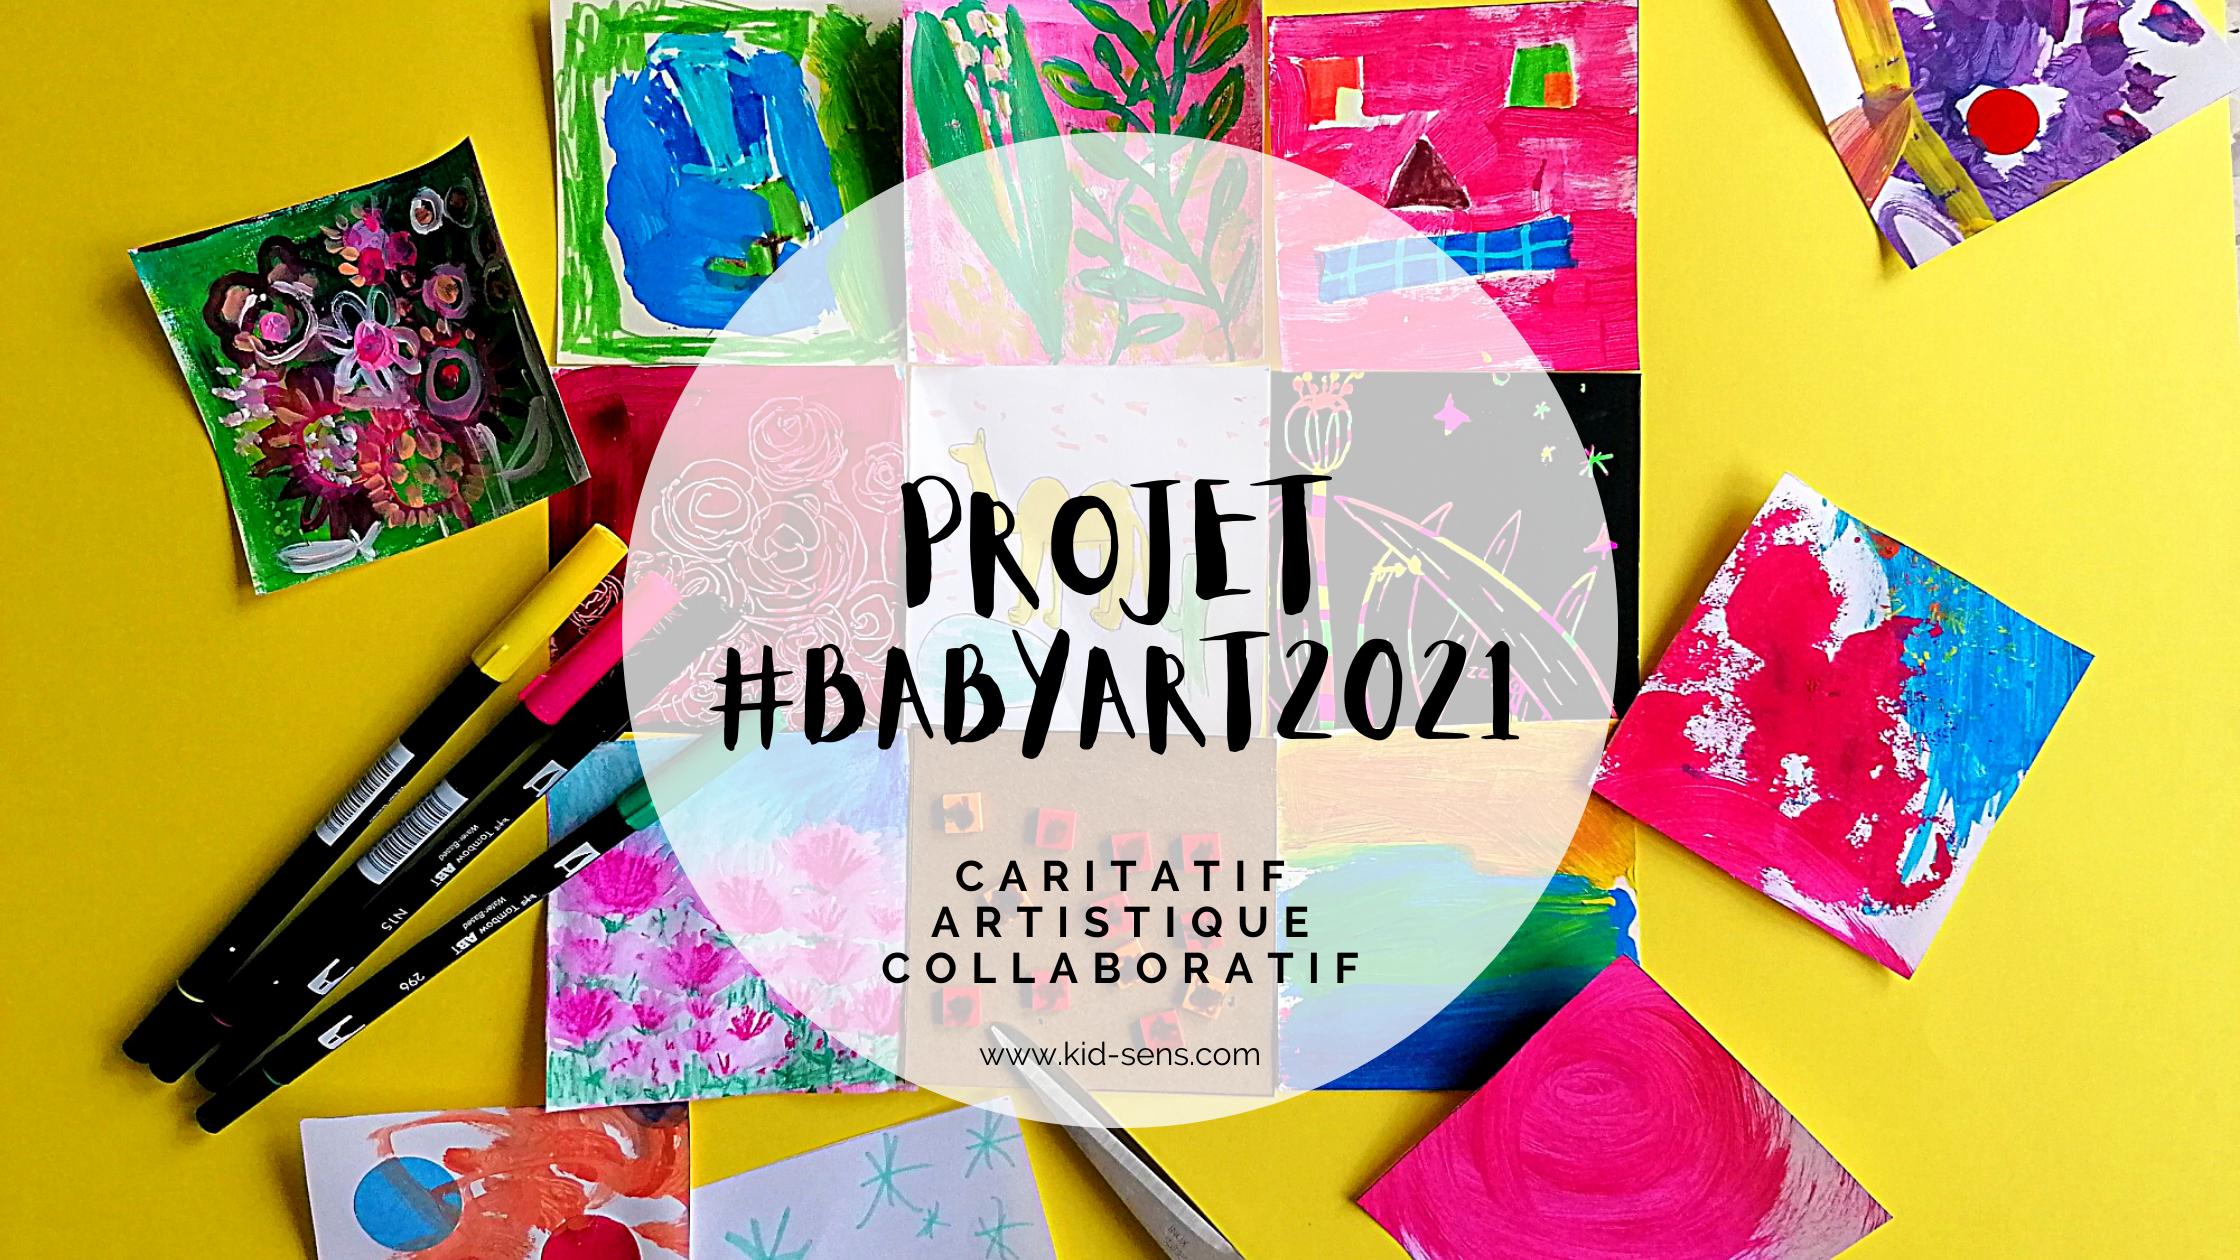 Baby Art 2021